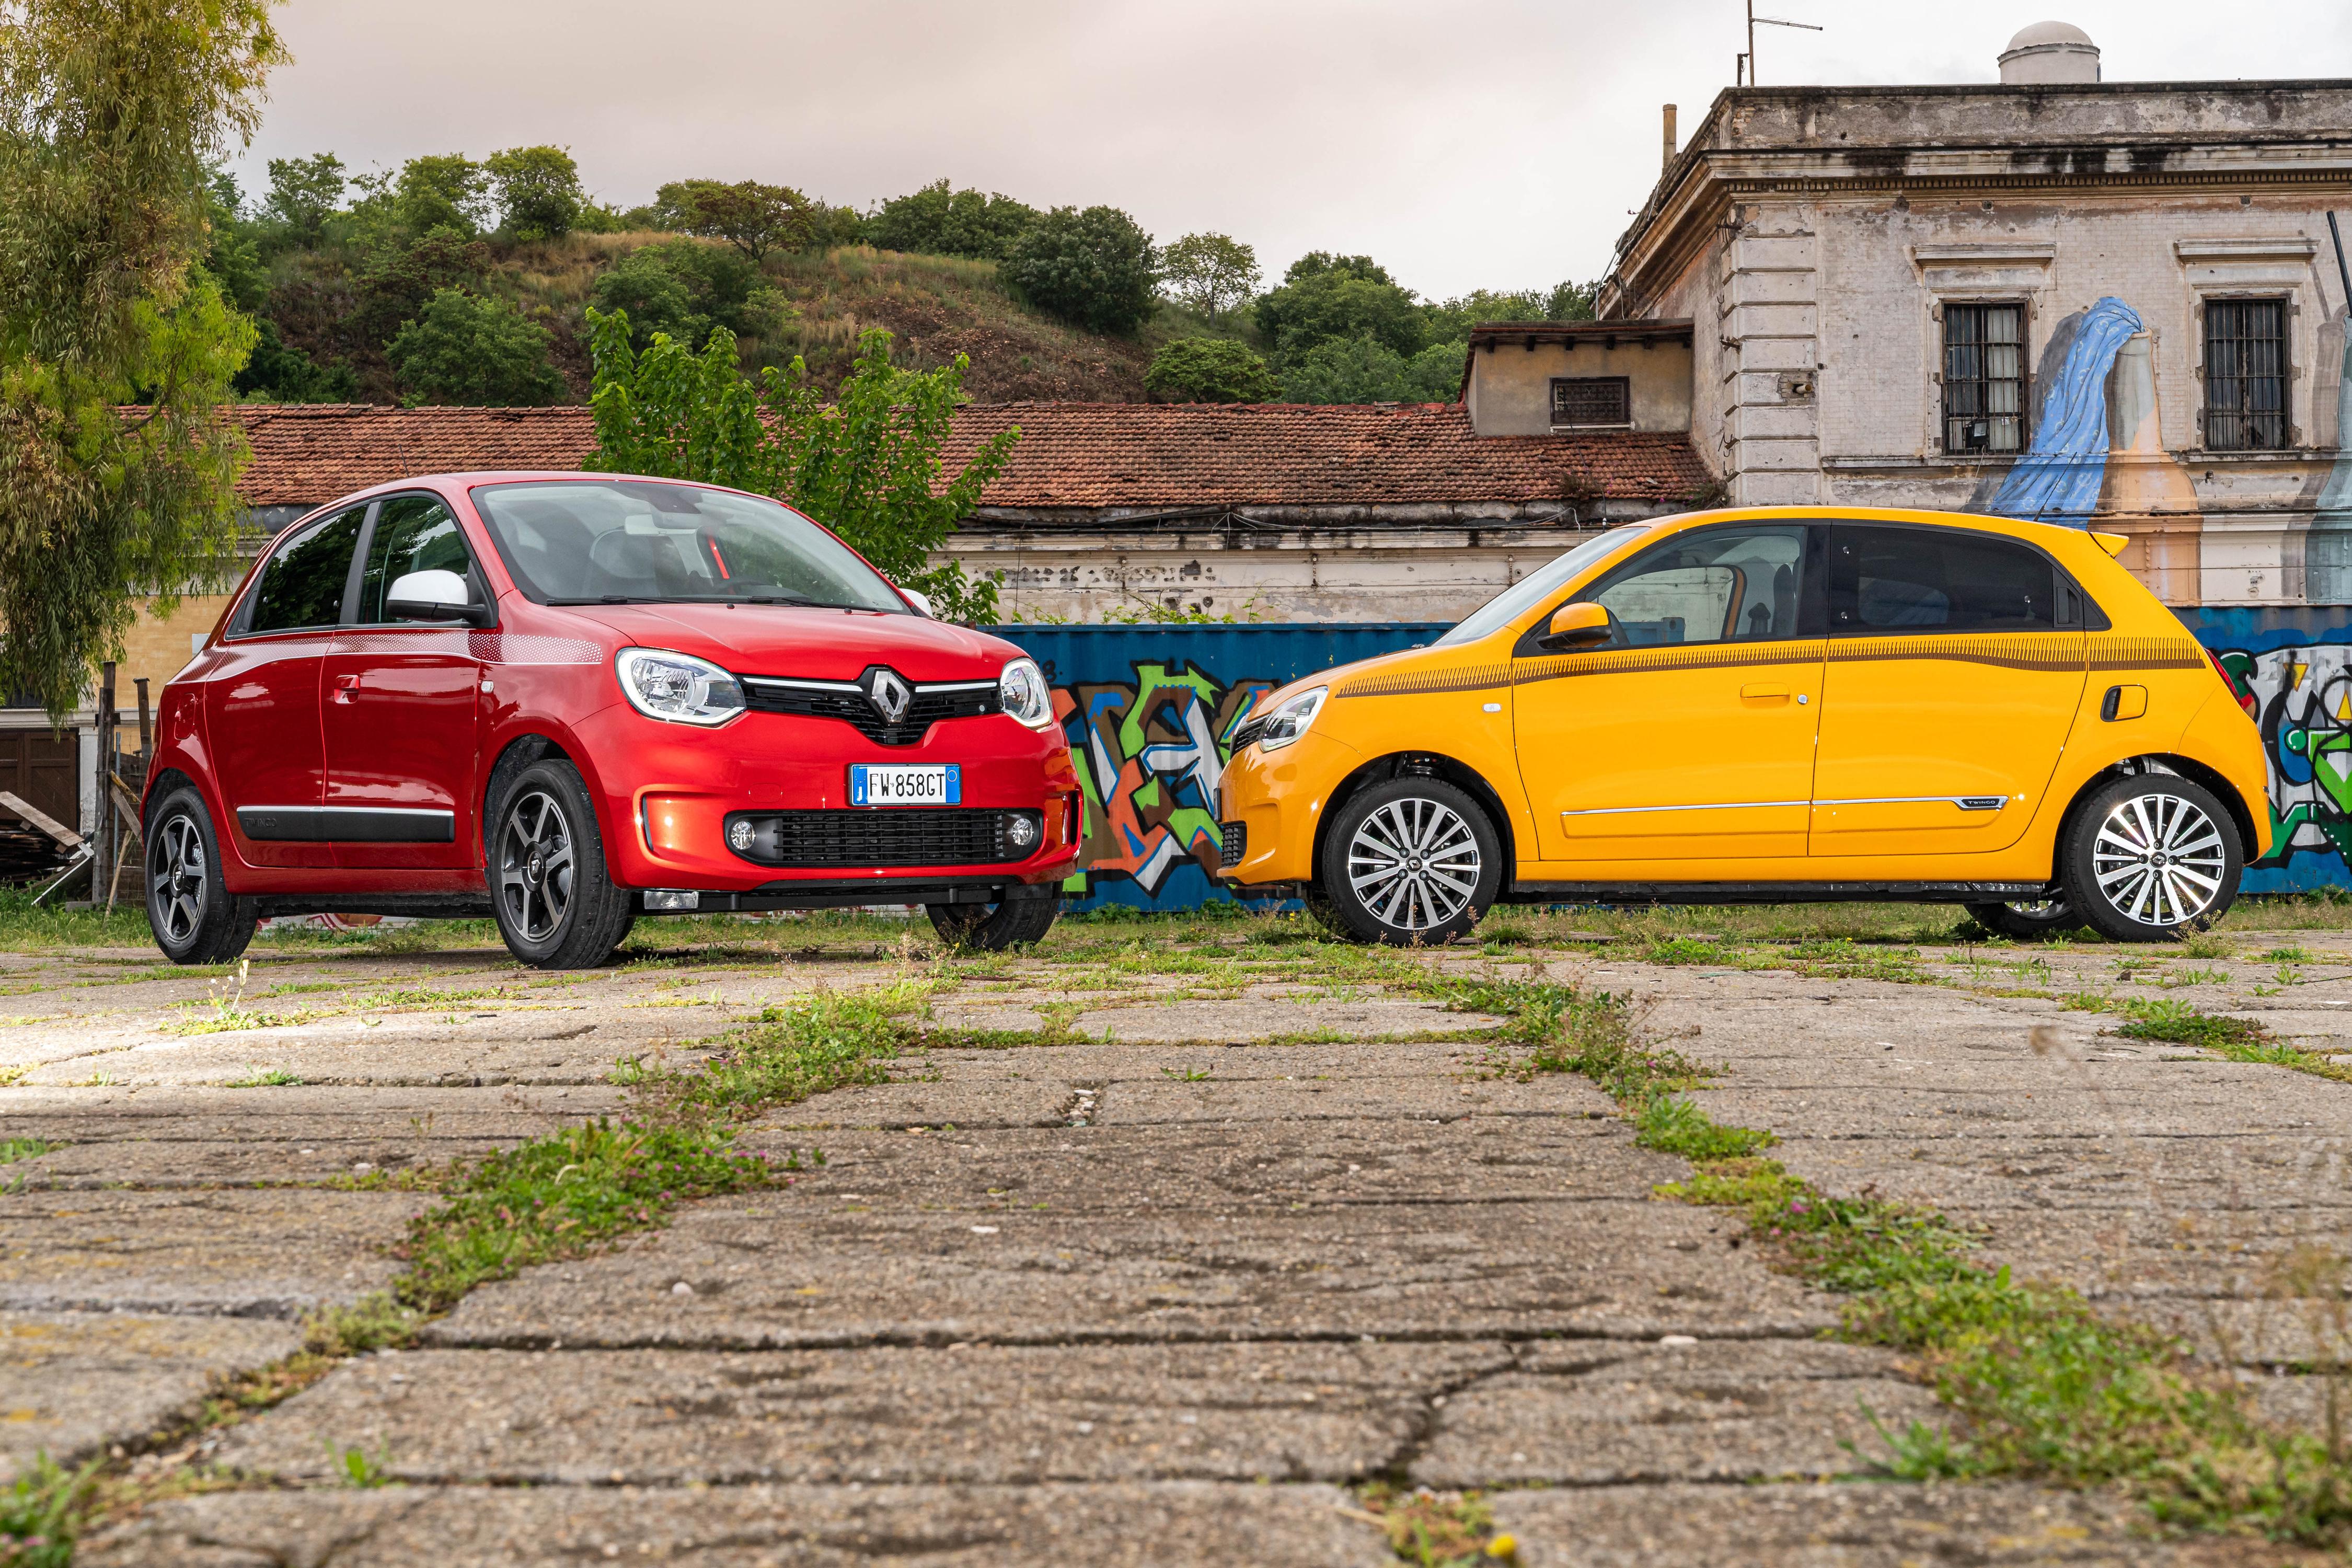 Фотографии Renault 2019-20 Twingo Worldwide два Автомобили Рено 2 две Двое вдвоем авто машины машина автомобиль